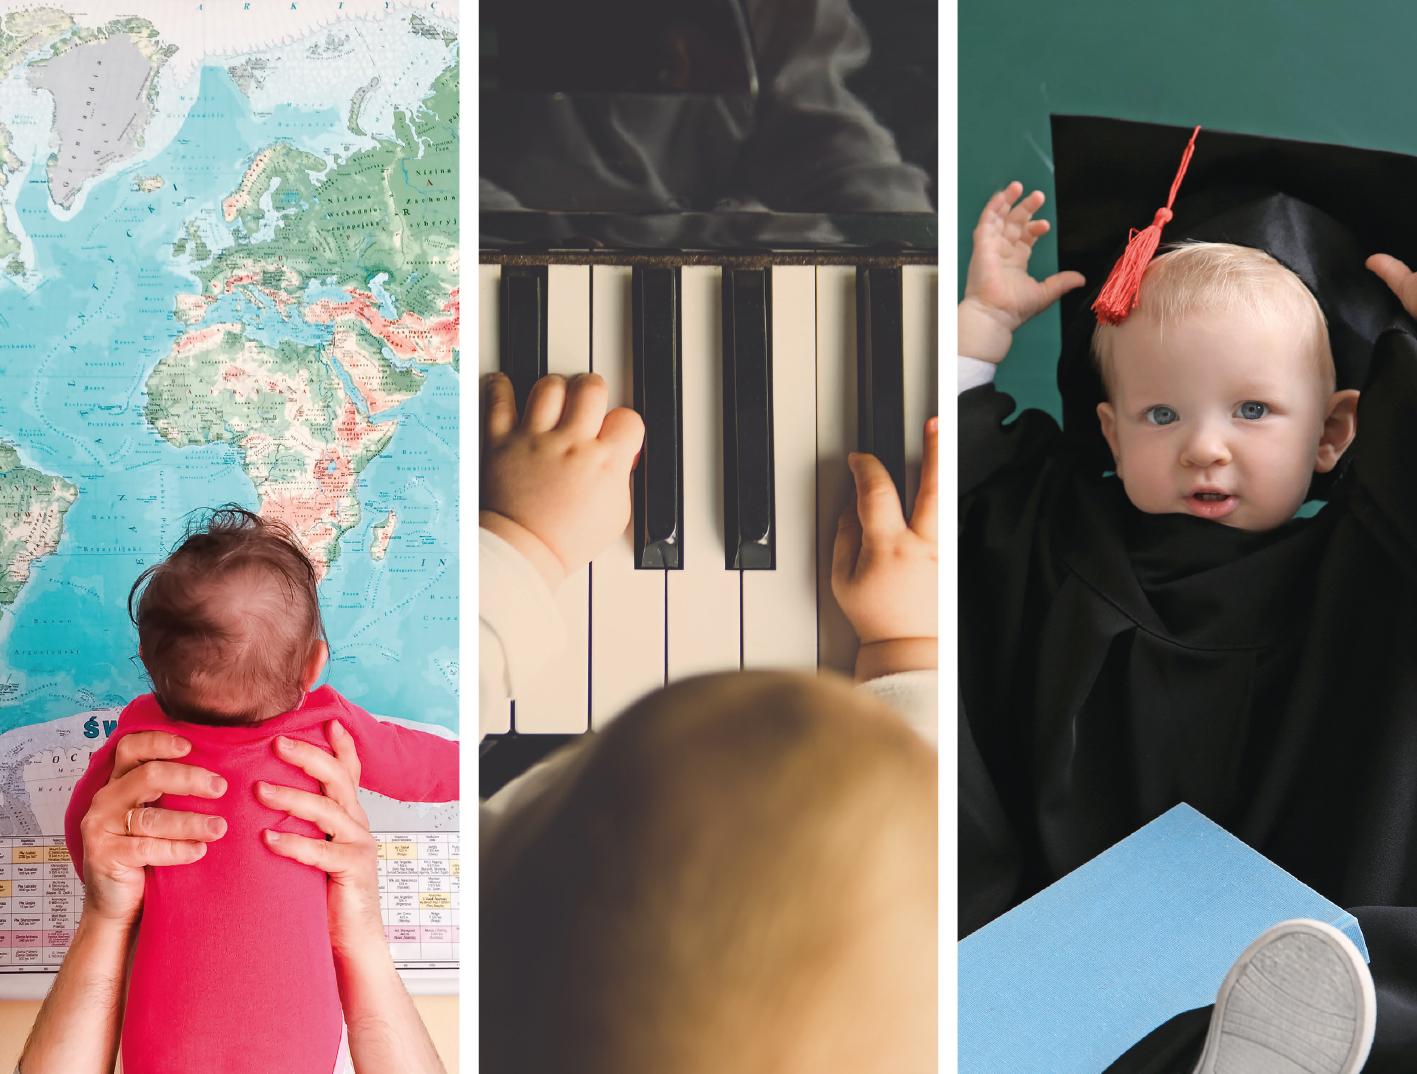 Symbolfotos: Baby vor Weltkarte, Kleinkind am Klavier, Kleinkind mit Doktorhut und schwarzer Robe